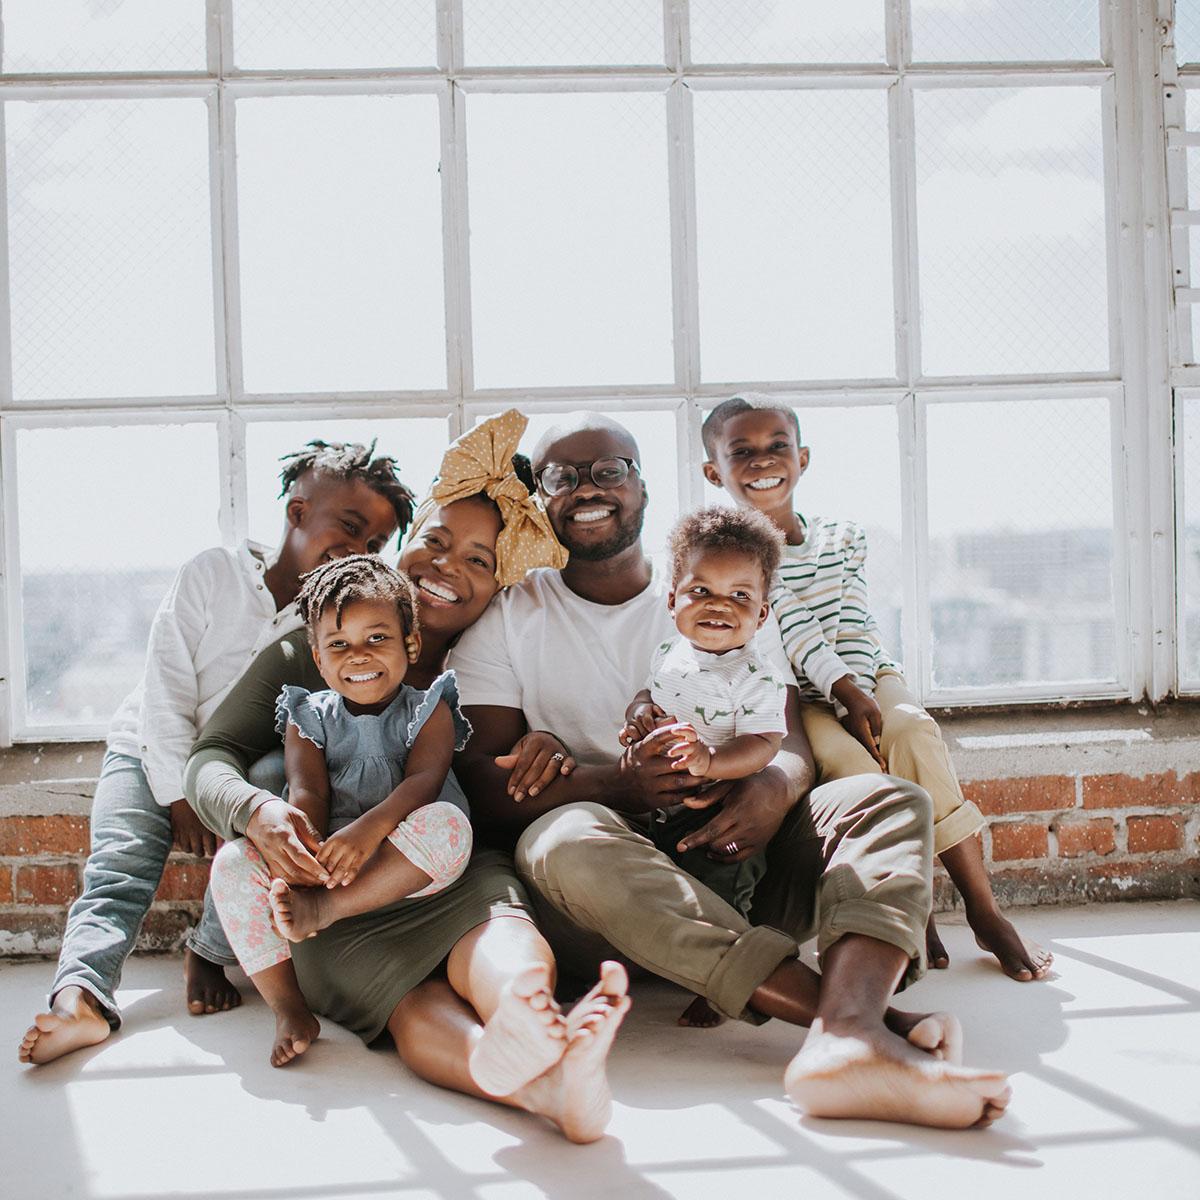 Criador de conteúdo em destaque: Beleaf in Fatherhood